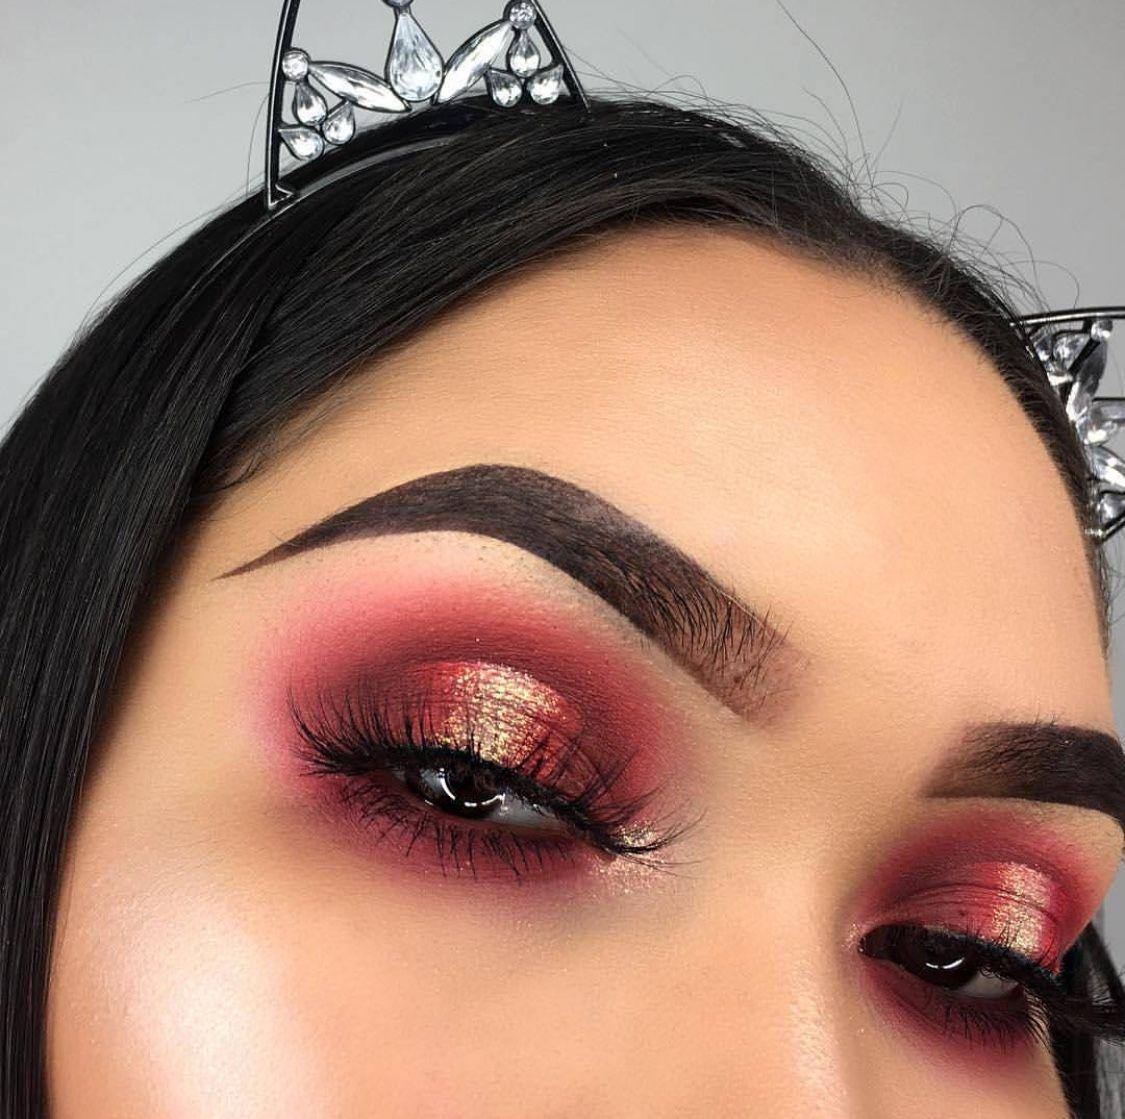 Pin de Shades Of April em Makeup and beauty Maquiagem